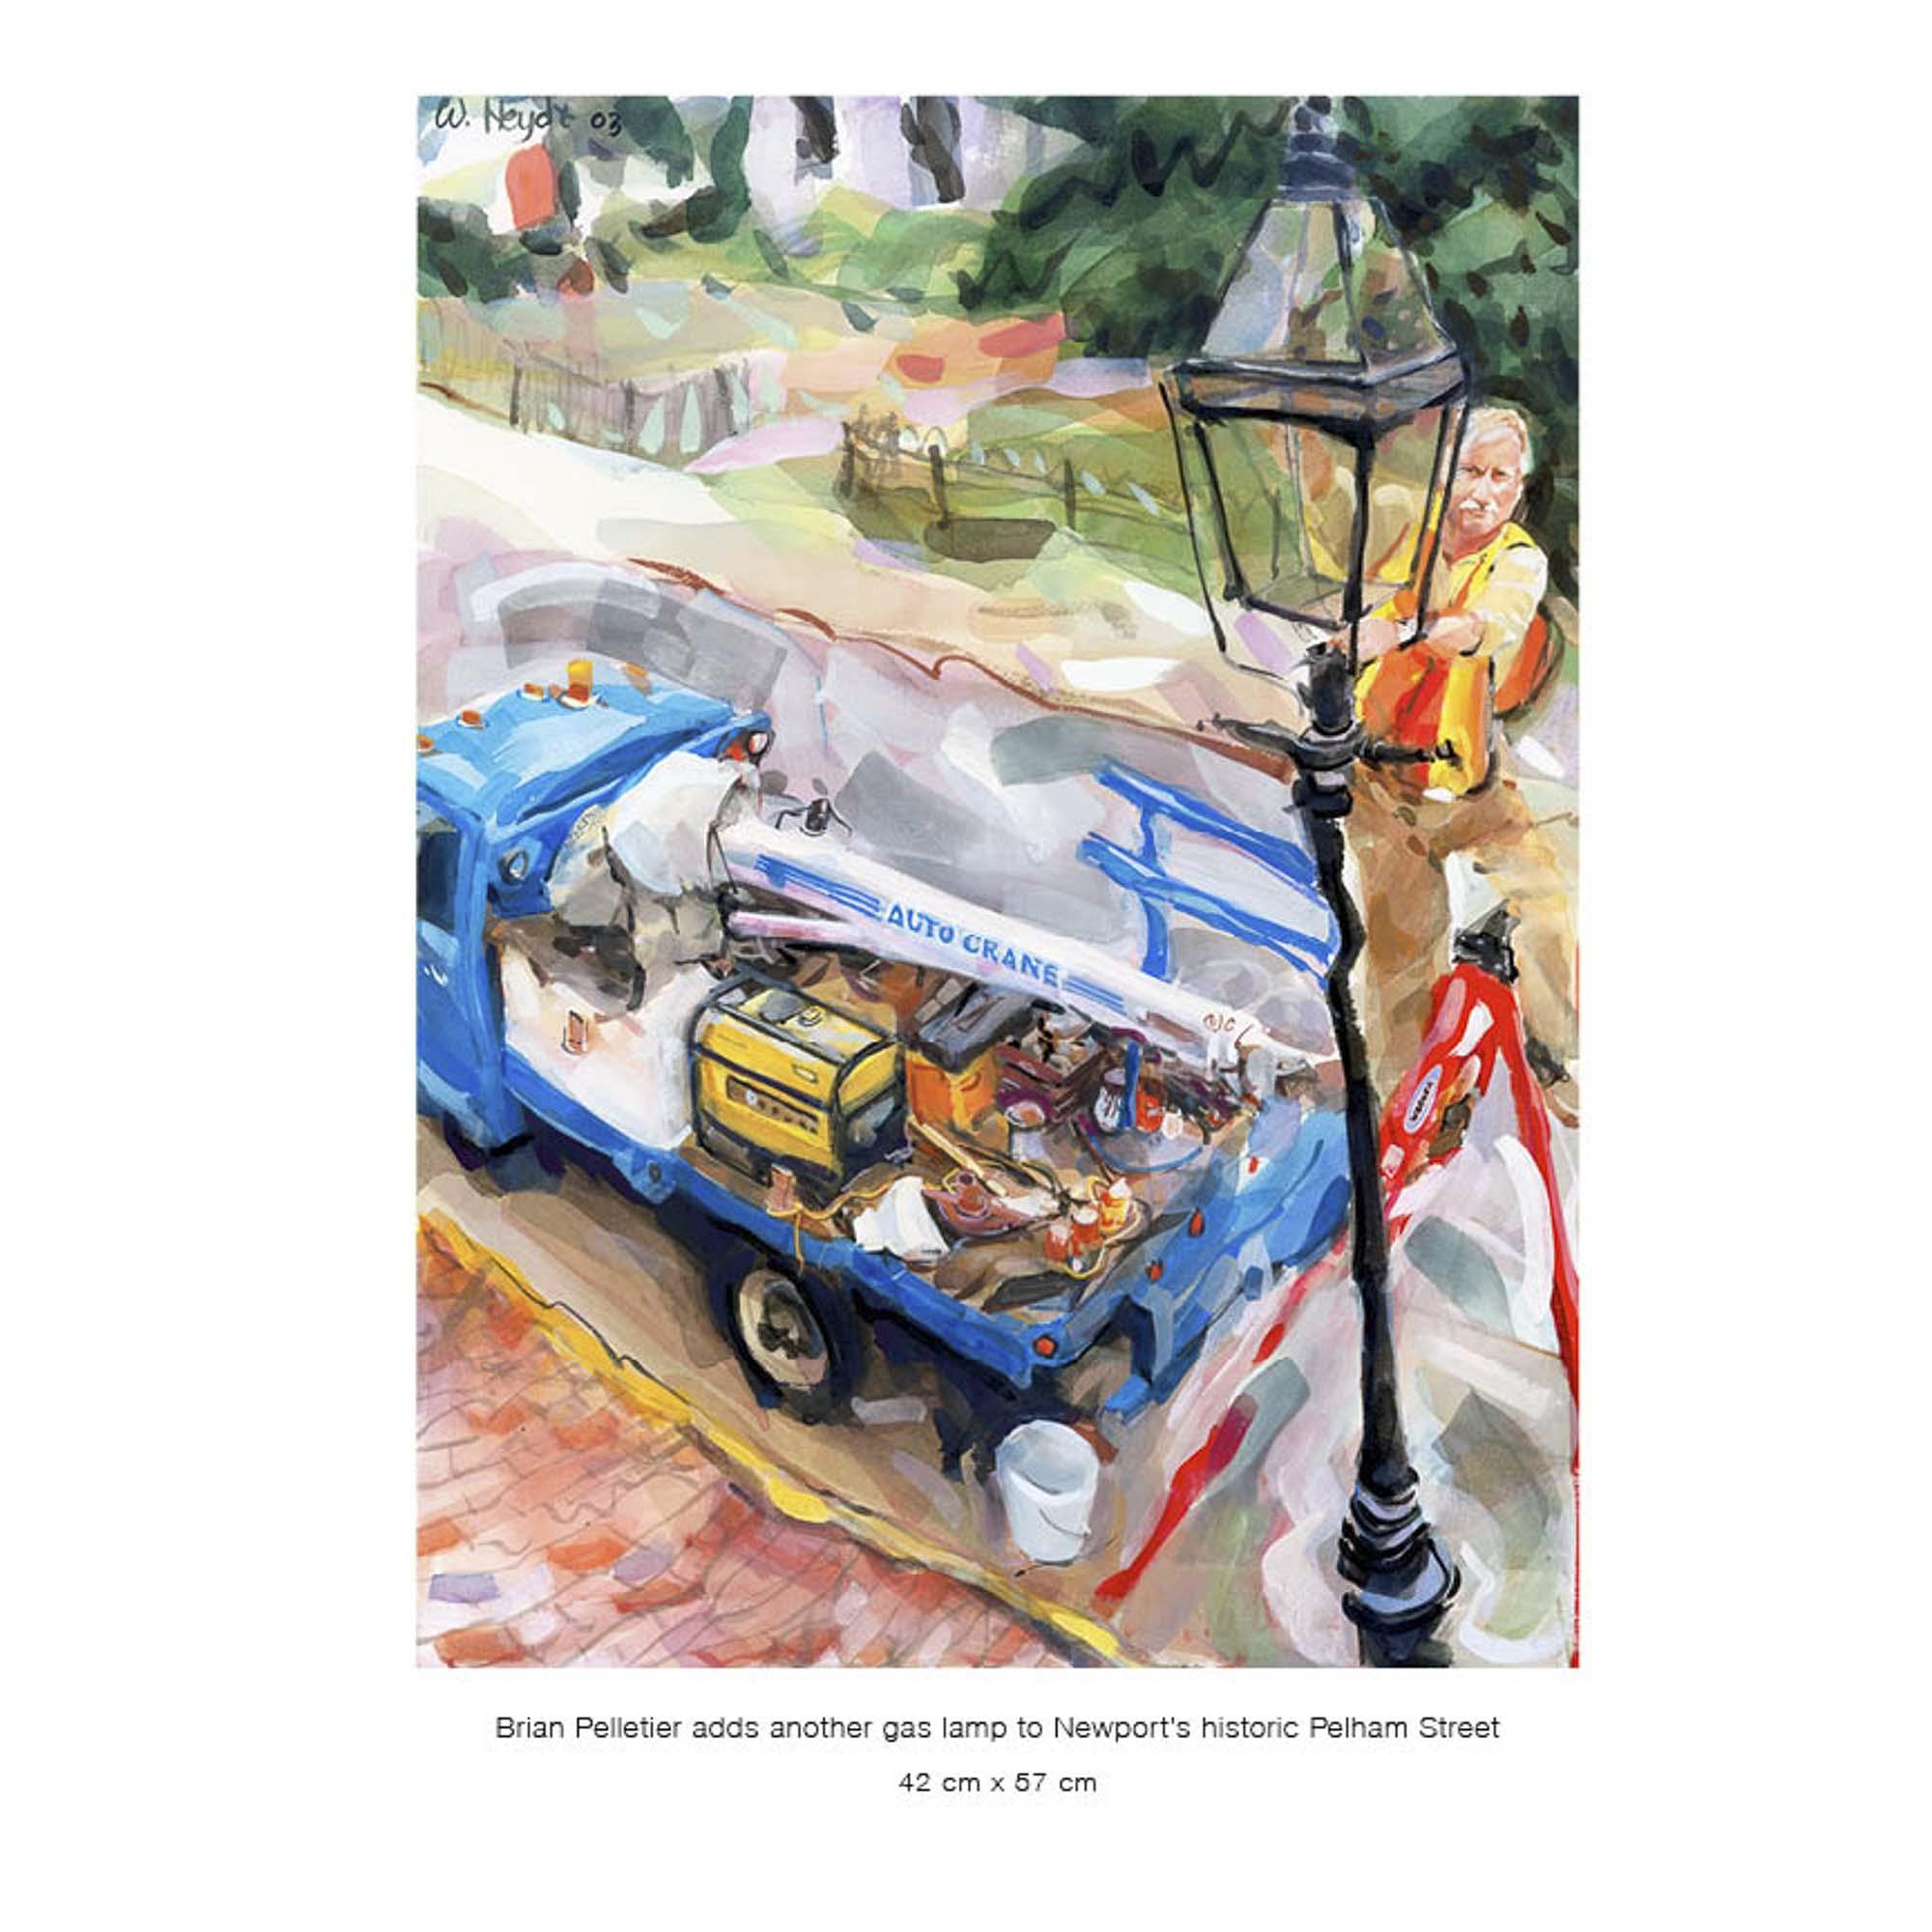 Book 4 - Newportant People19.jpg